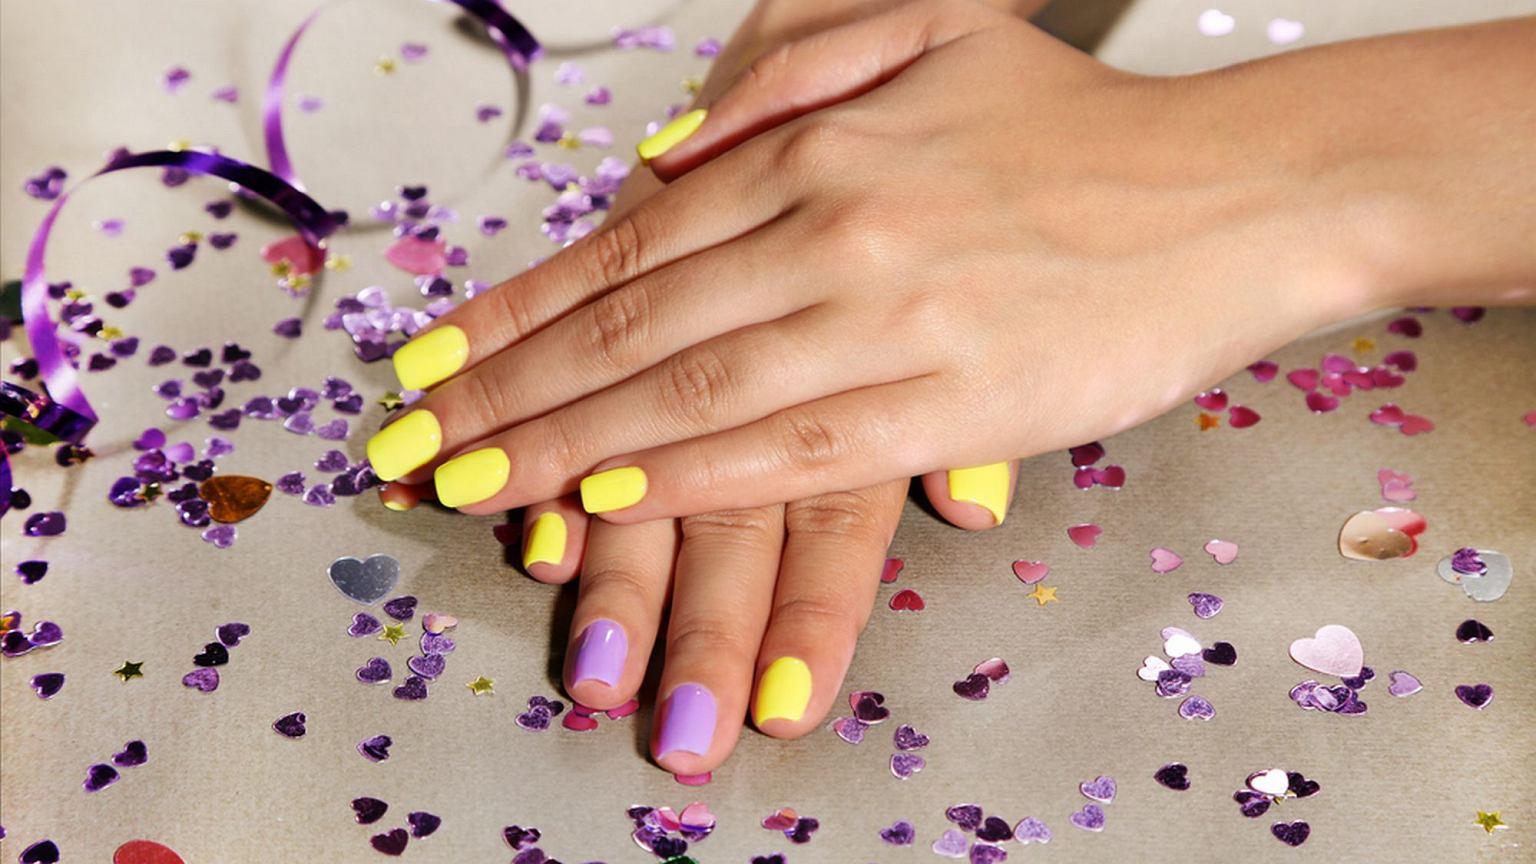 Paznokcie Na Sylwestra Jaki Manicure Będzie Najlepszy